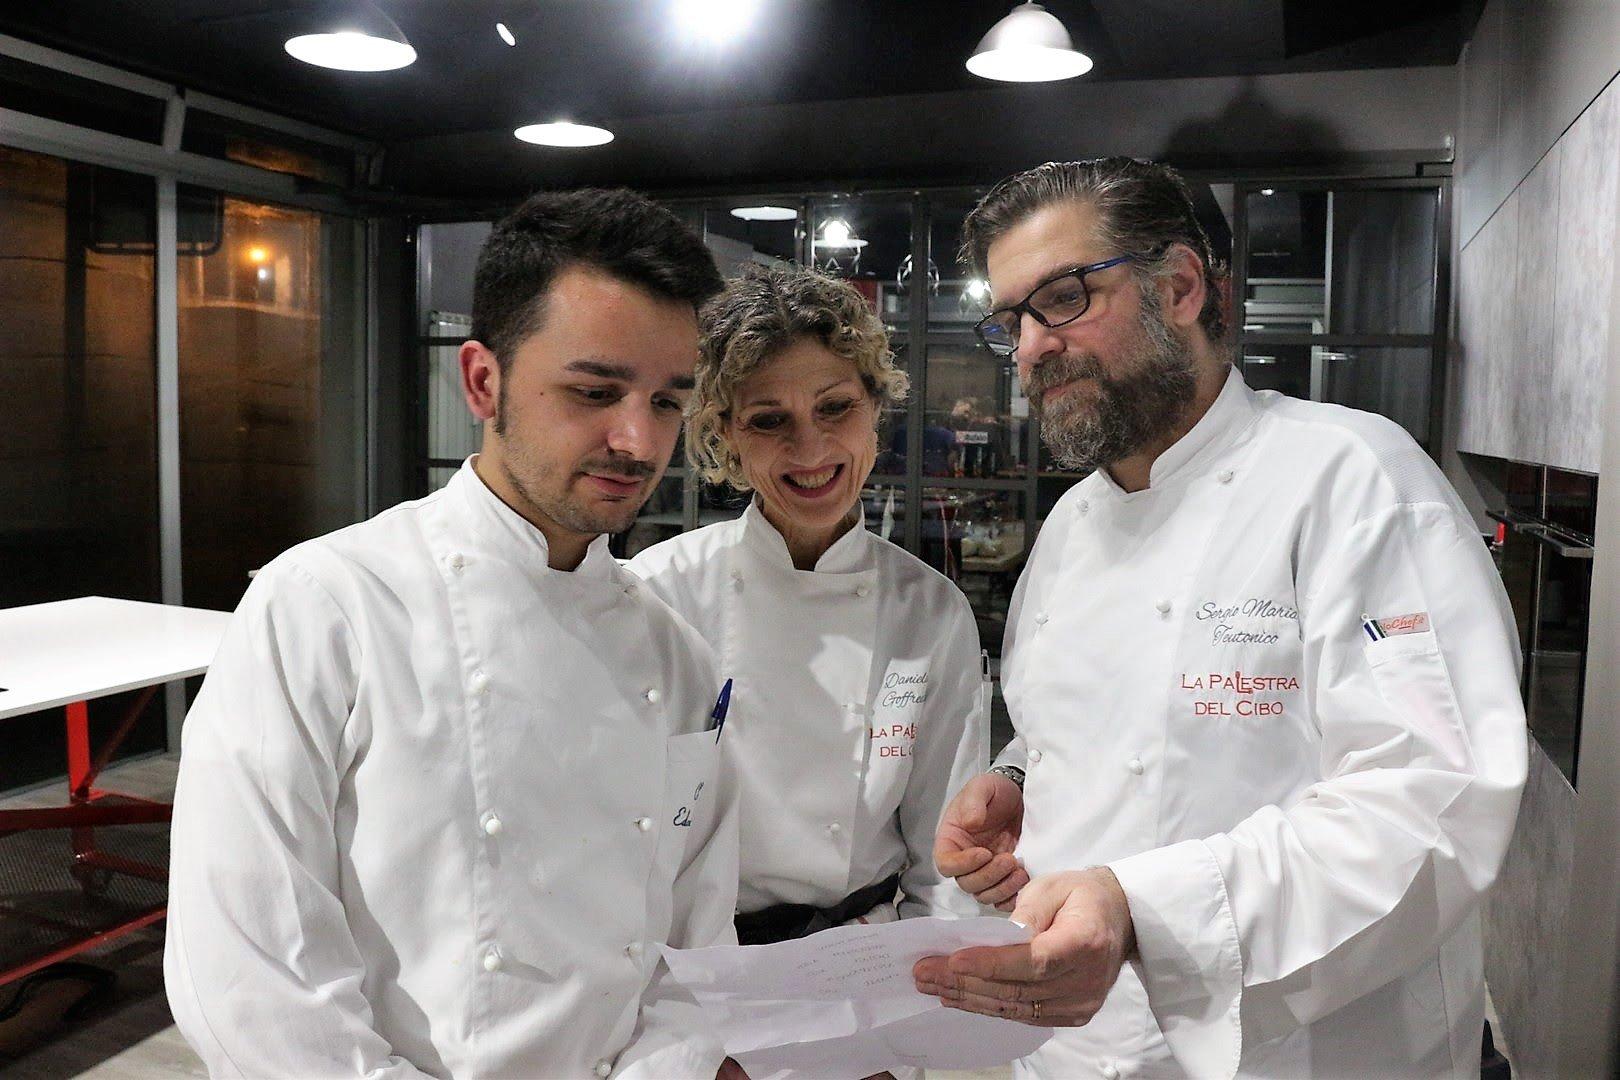 la palestra del cibo gli chef